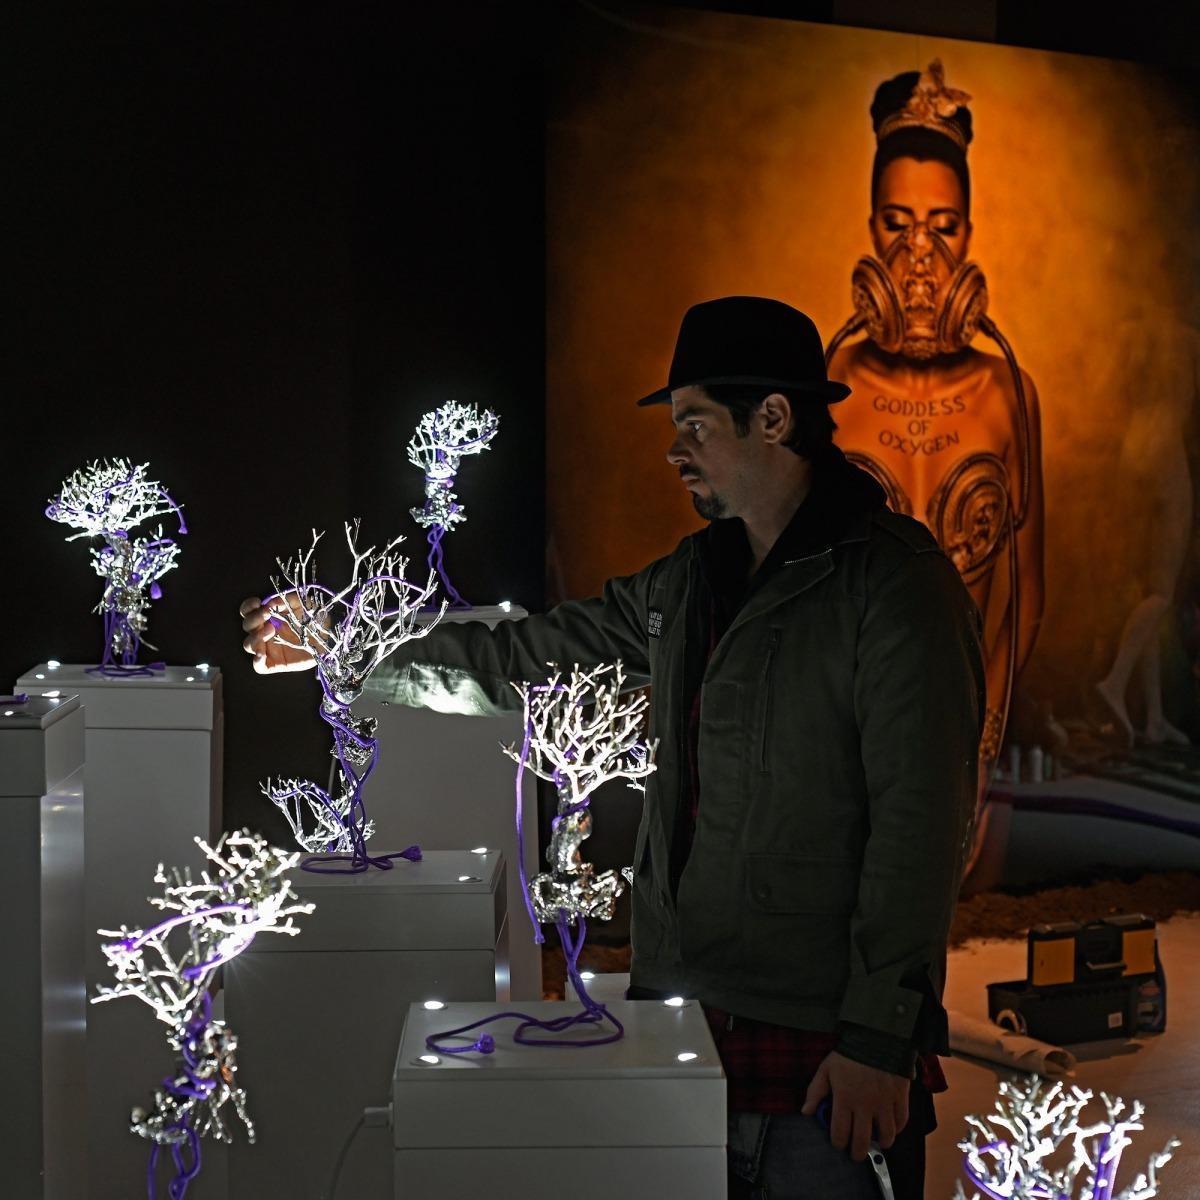 Fragment de la multiinstal·lació 'Future is Now', que Shagti exposa al pavelló andorrà de la 53a Biennal de Venècia.